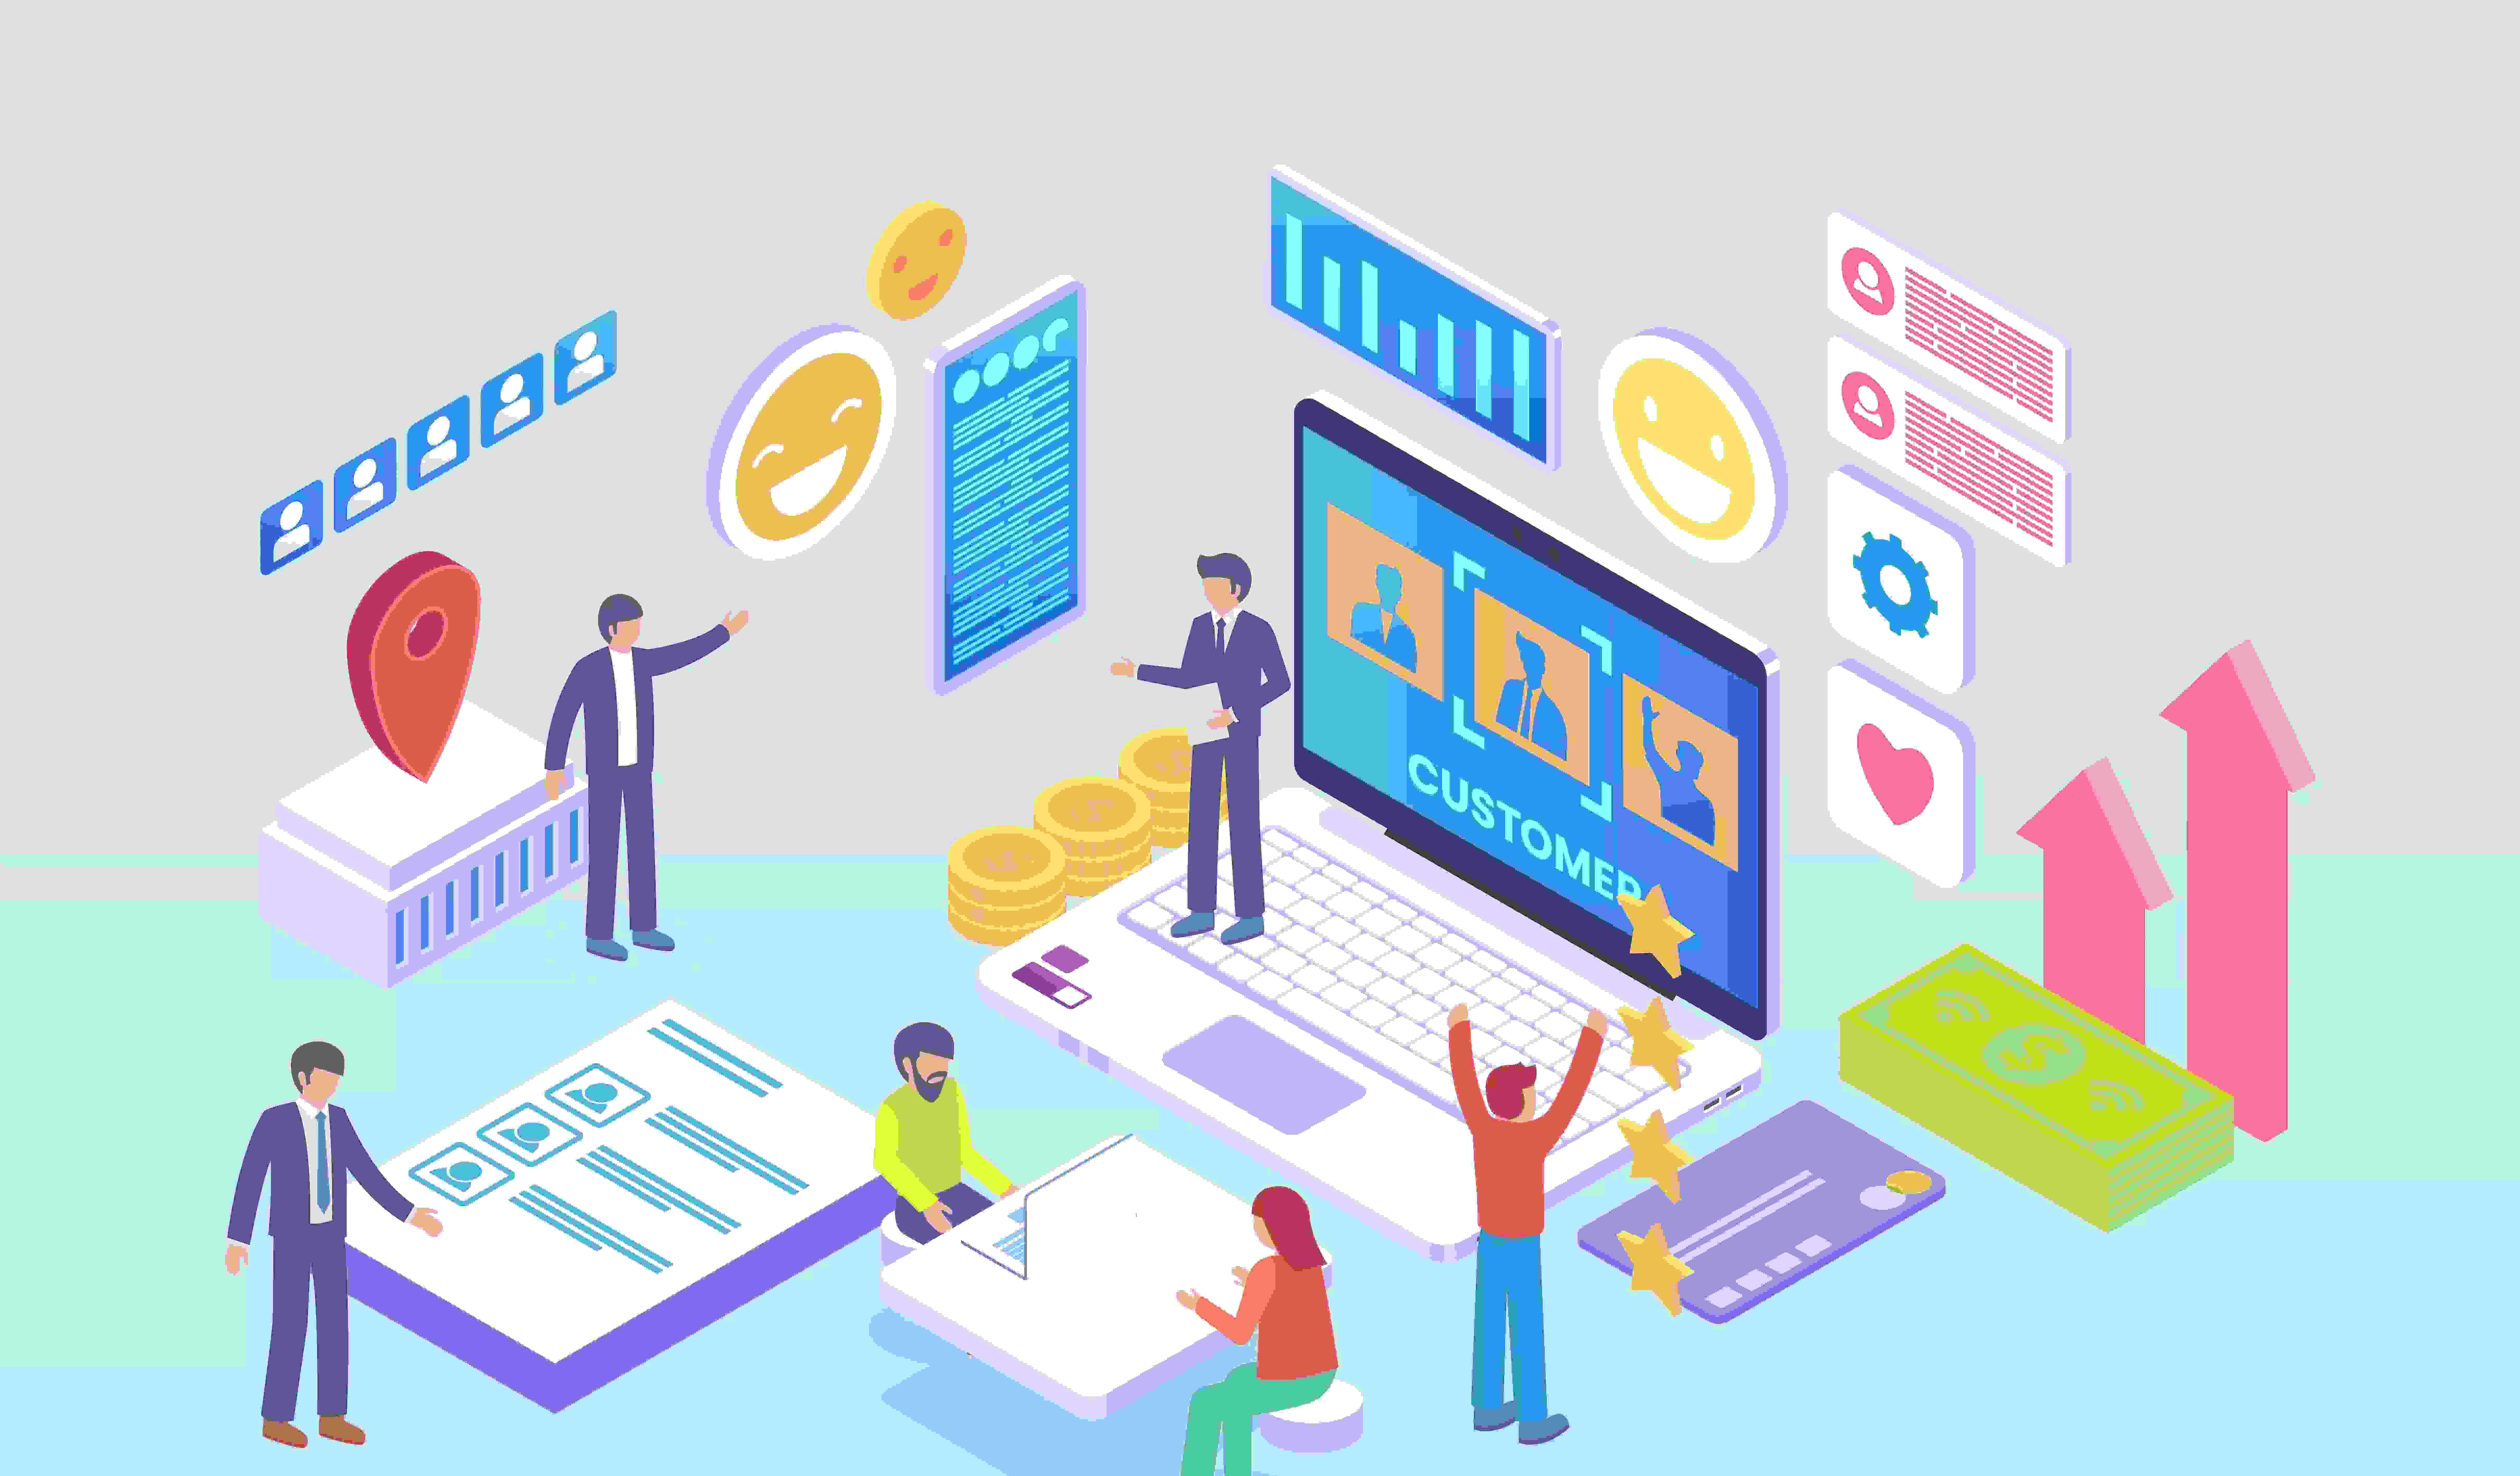 ERP nedir, nasıl çalışır, bileşenleri, ERP'nin tarihi, kurumsal kaynak planlamanın avantajları ve dezavantajları, önemi, en iyi uygulamaları, yazılım şirketleri